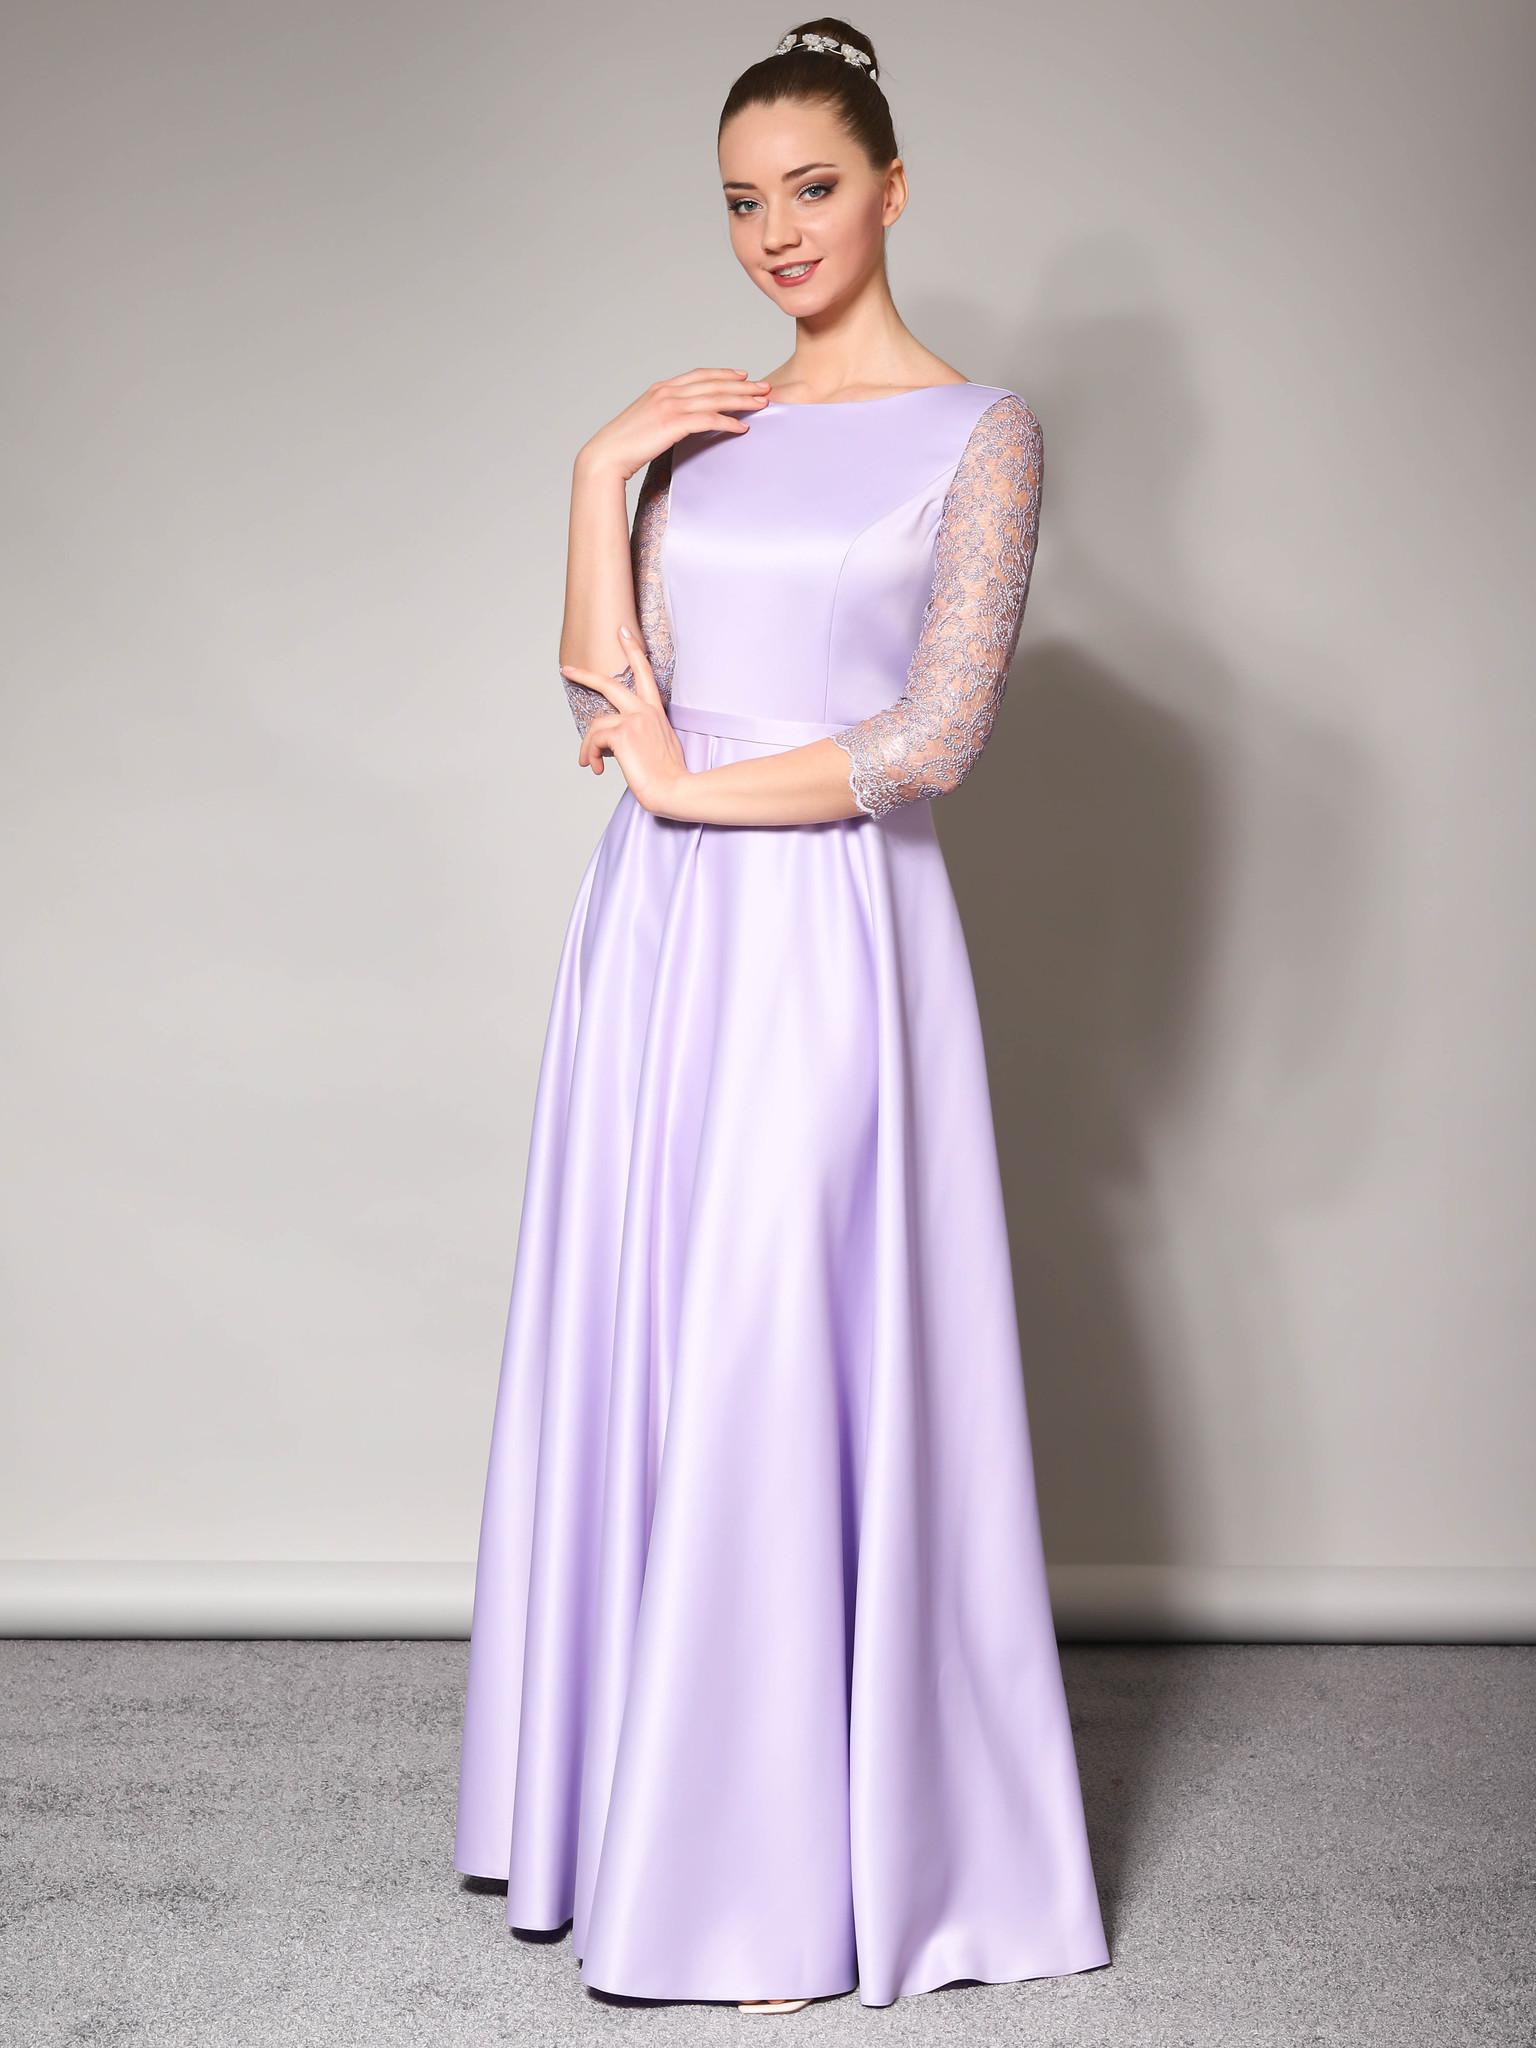 Нарядное платье Классика с кружевным рукавом три четверти (лаванда)